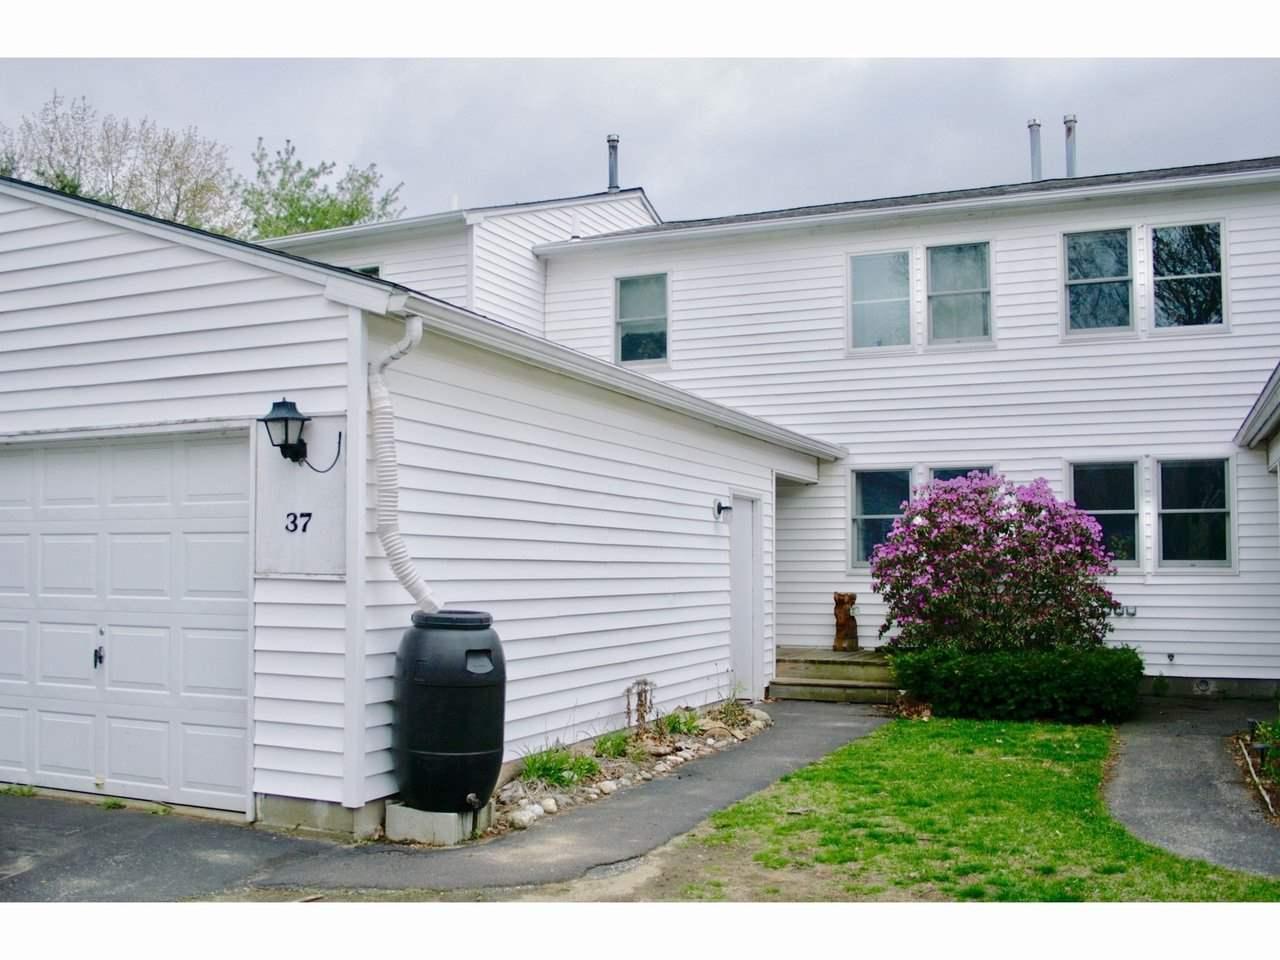 37 Fairmont Place 37, Burlington, VT 05408